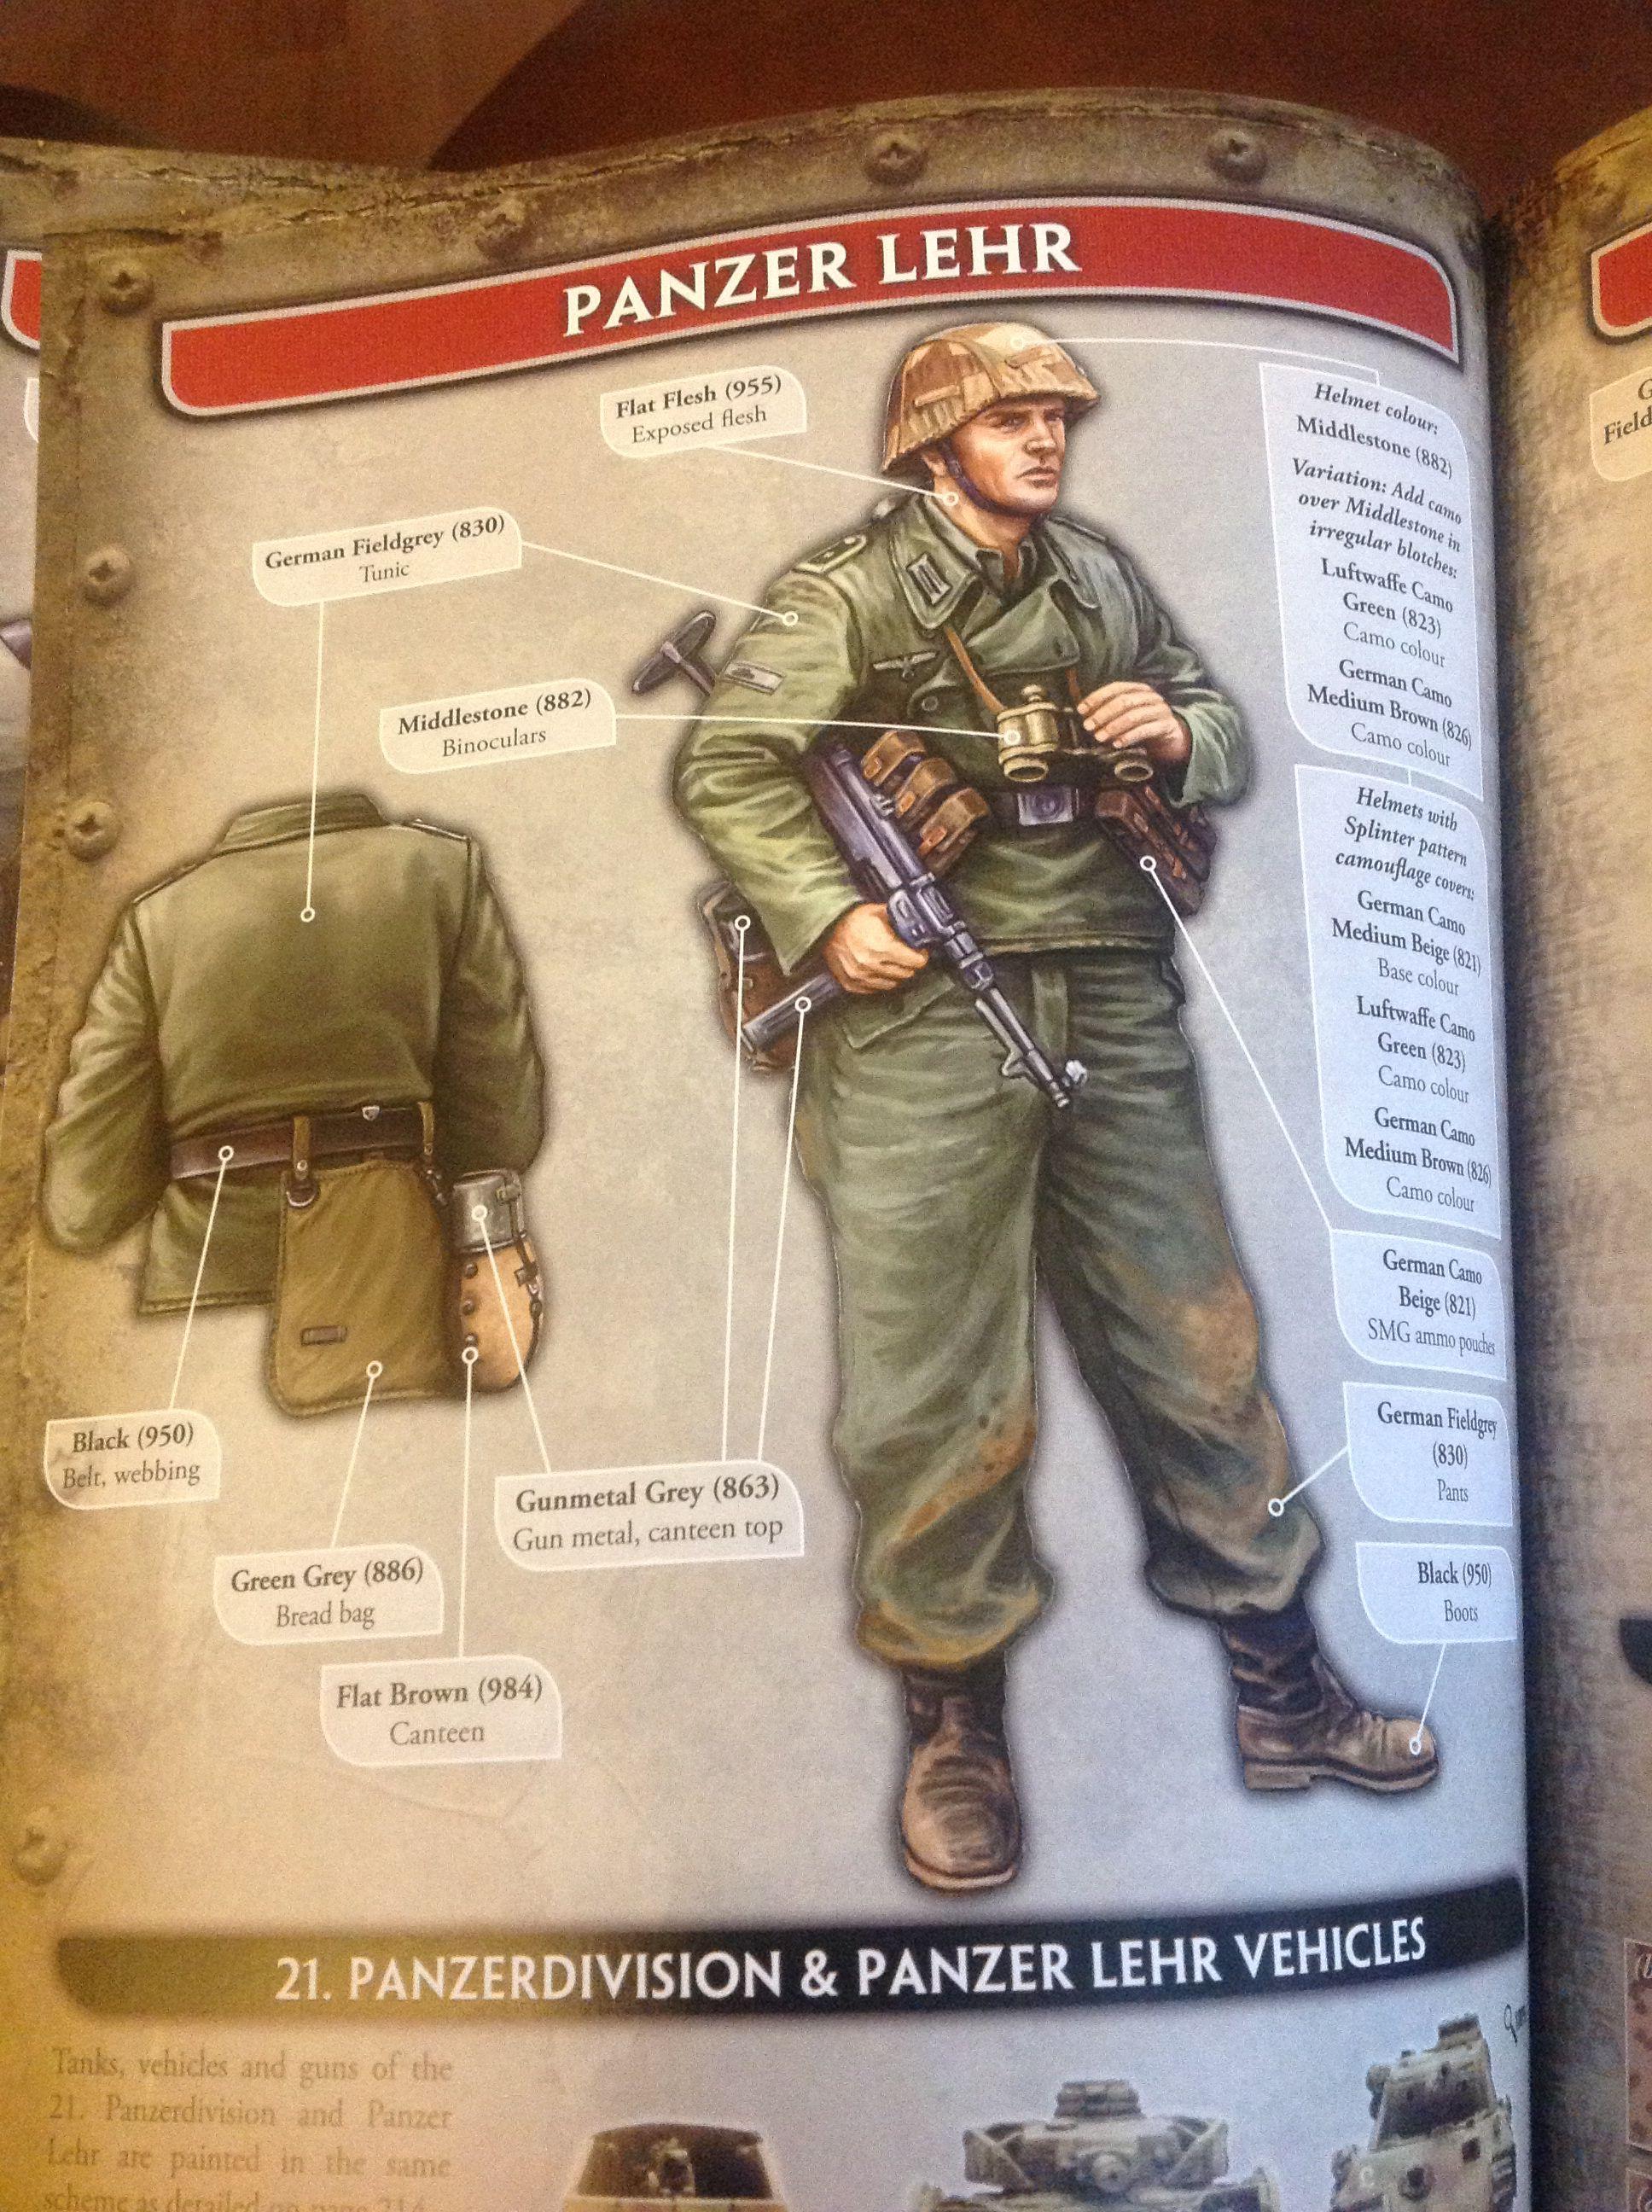 Panzer lehr | Bolt Action paint guide | German uniforms, Ww2